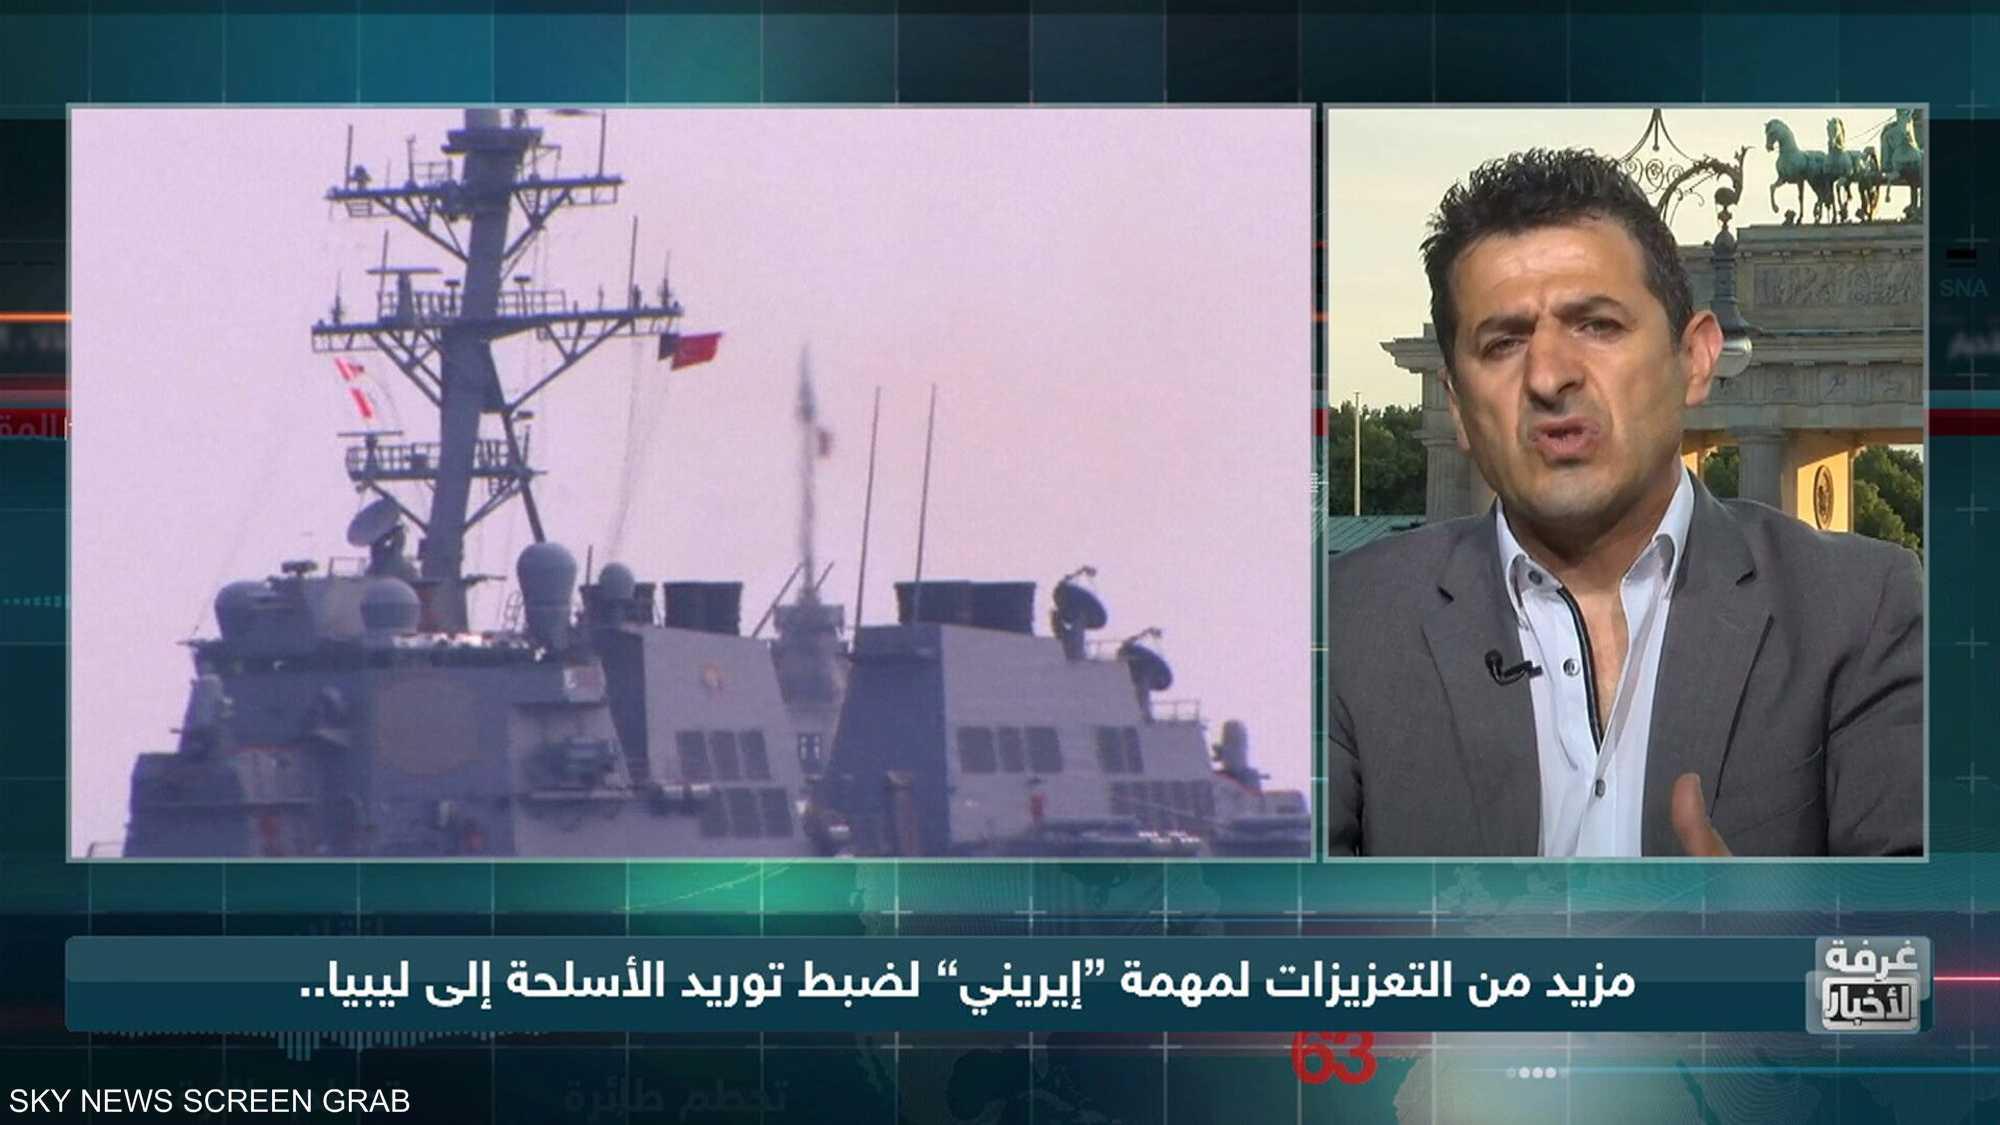 """مزيد من التعزيزات لمهمة """"إيريني"""" لضبط توريد الأسلحة لليبيا"""